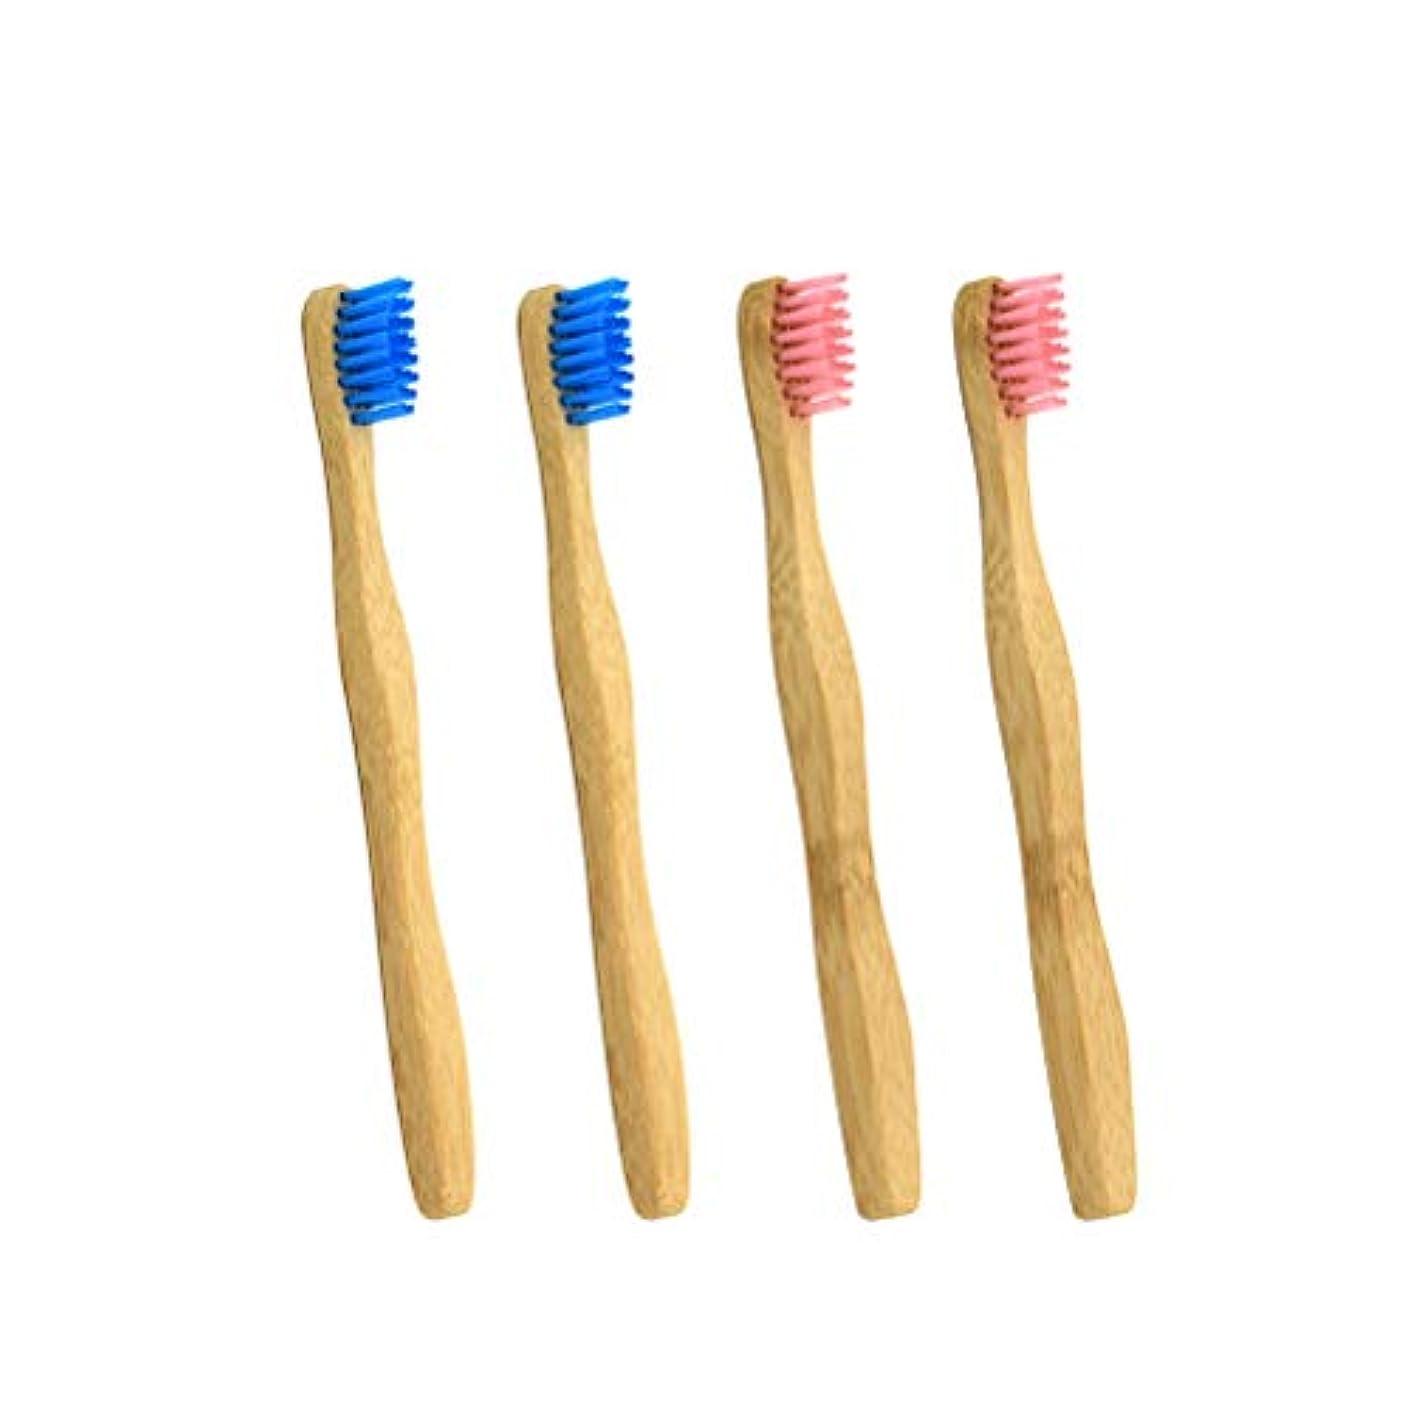 観察する翻訳するご飯HEALIFTY 子供の竹の歯ブラシ環境に優しい抗菌性の子供の歯ブラシ4本